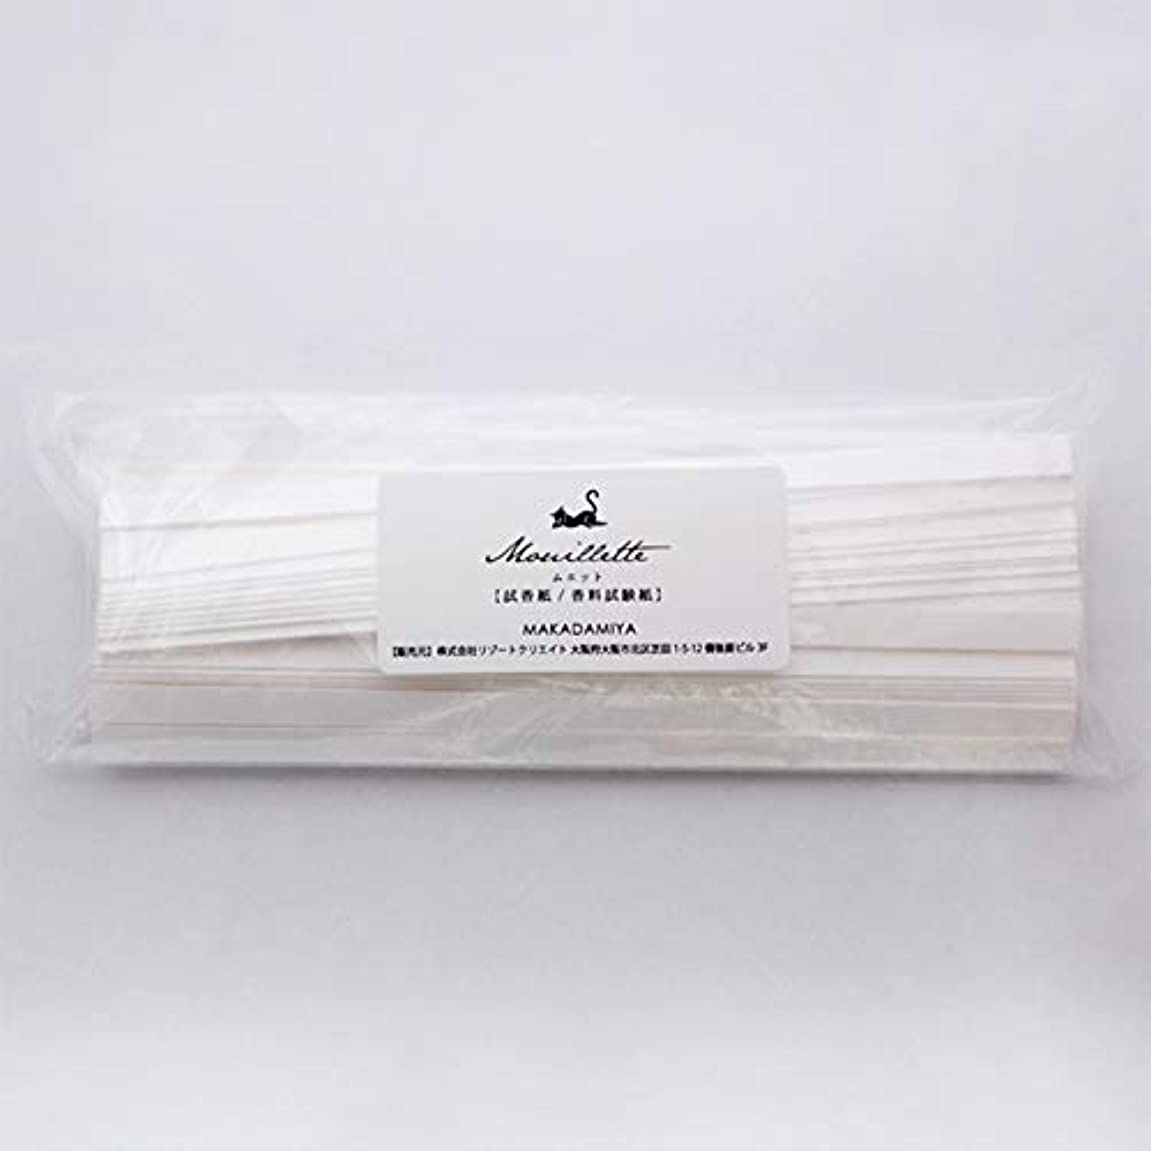 のホストマザーランド聖なるムエット100本入り プロ用(アロマ検定試験対応 試香紙 香料試験紙)